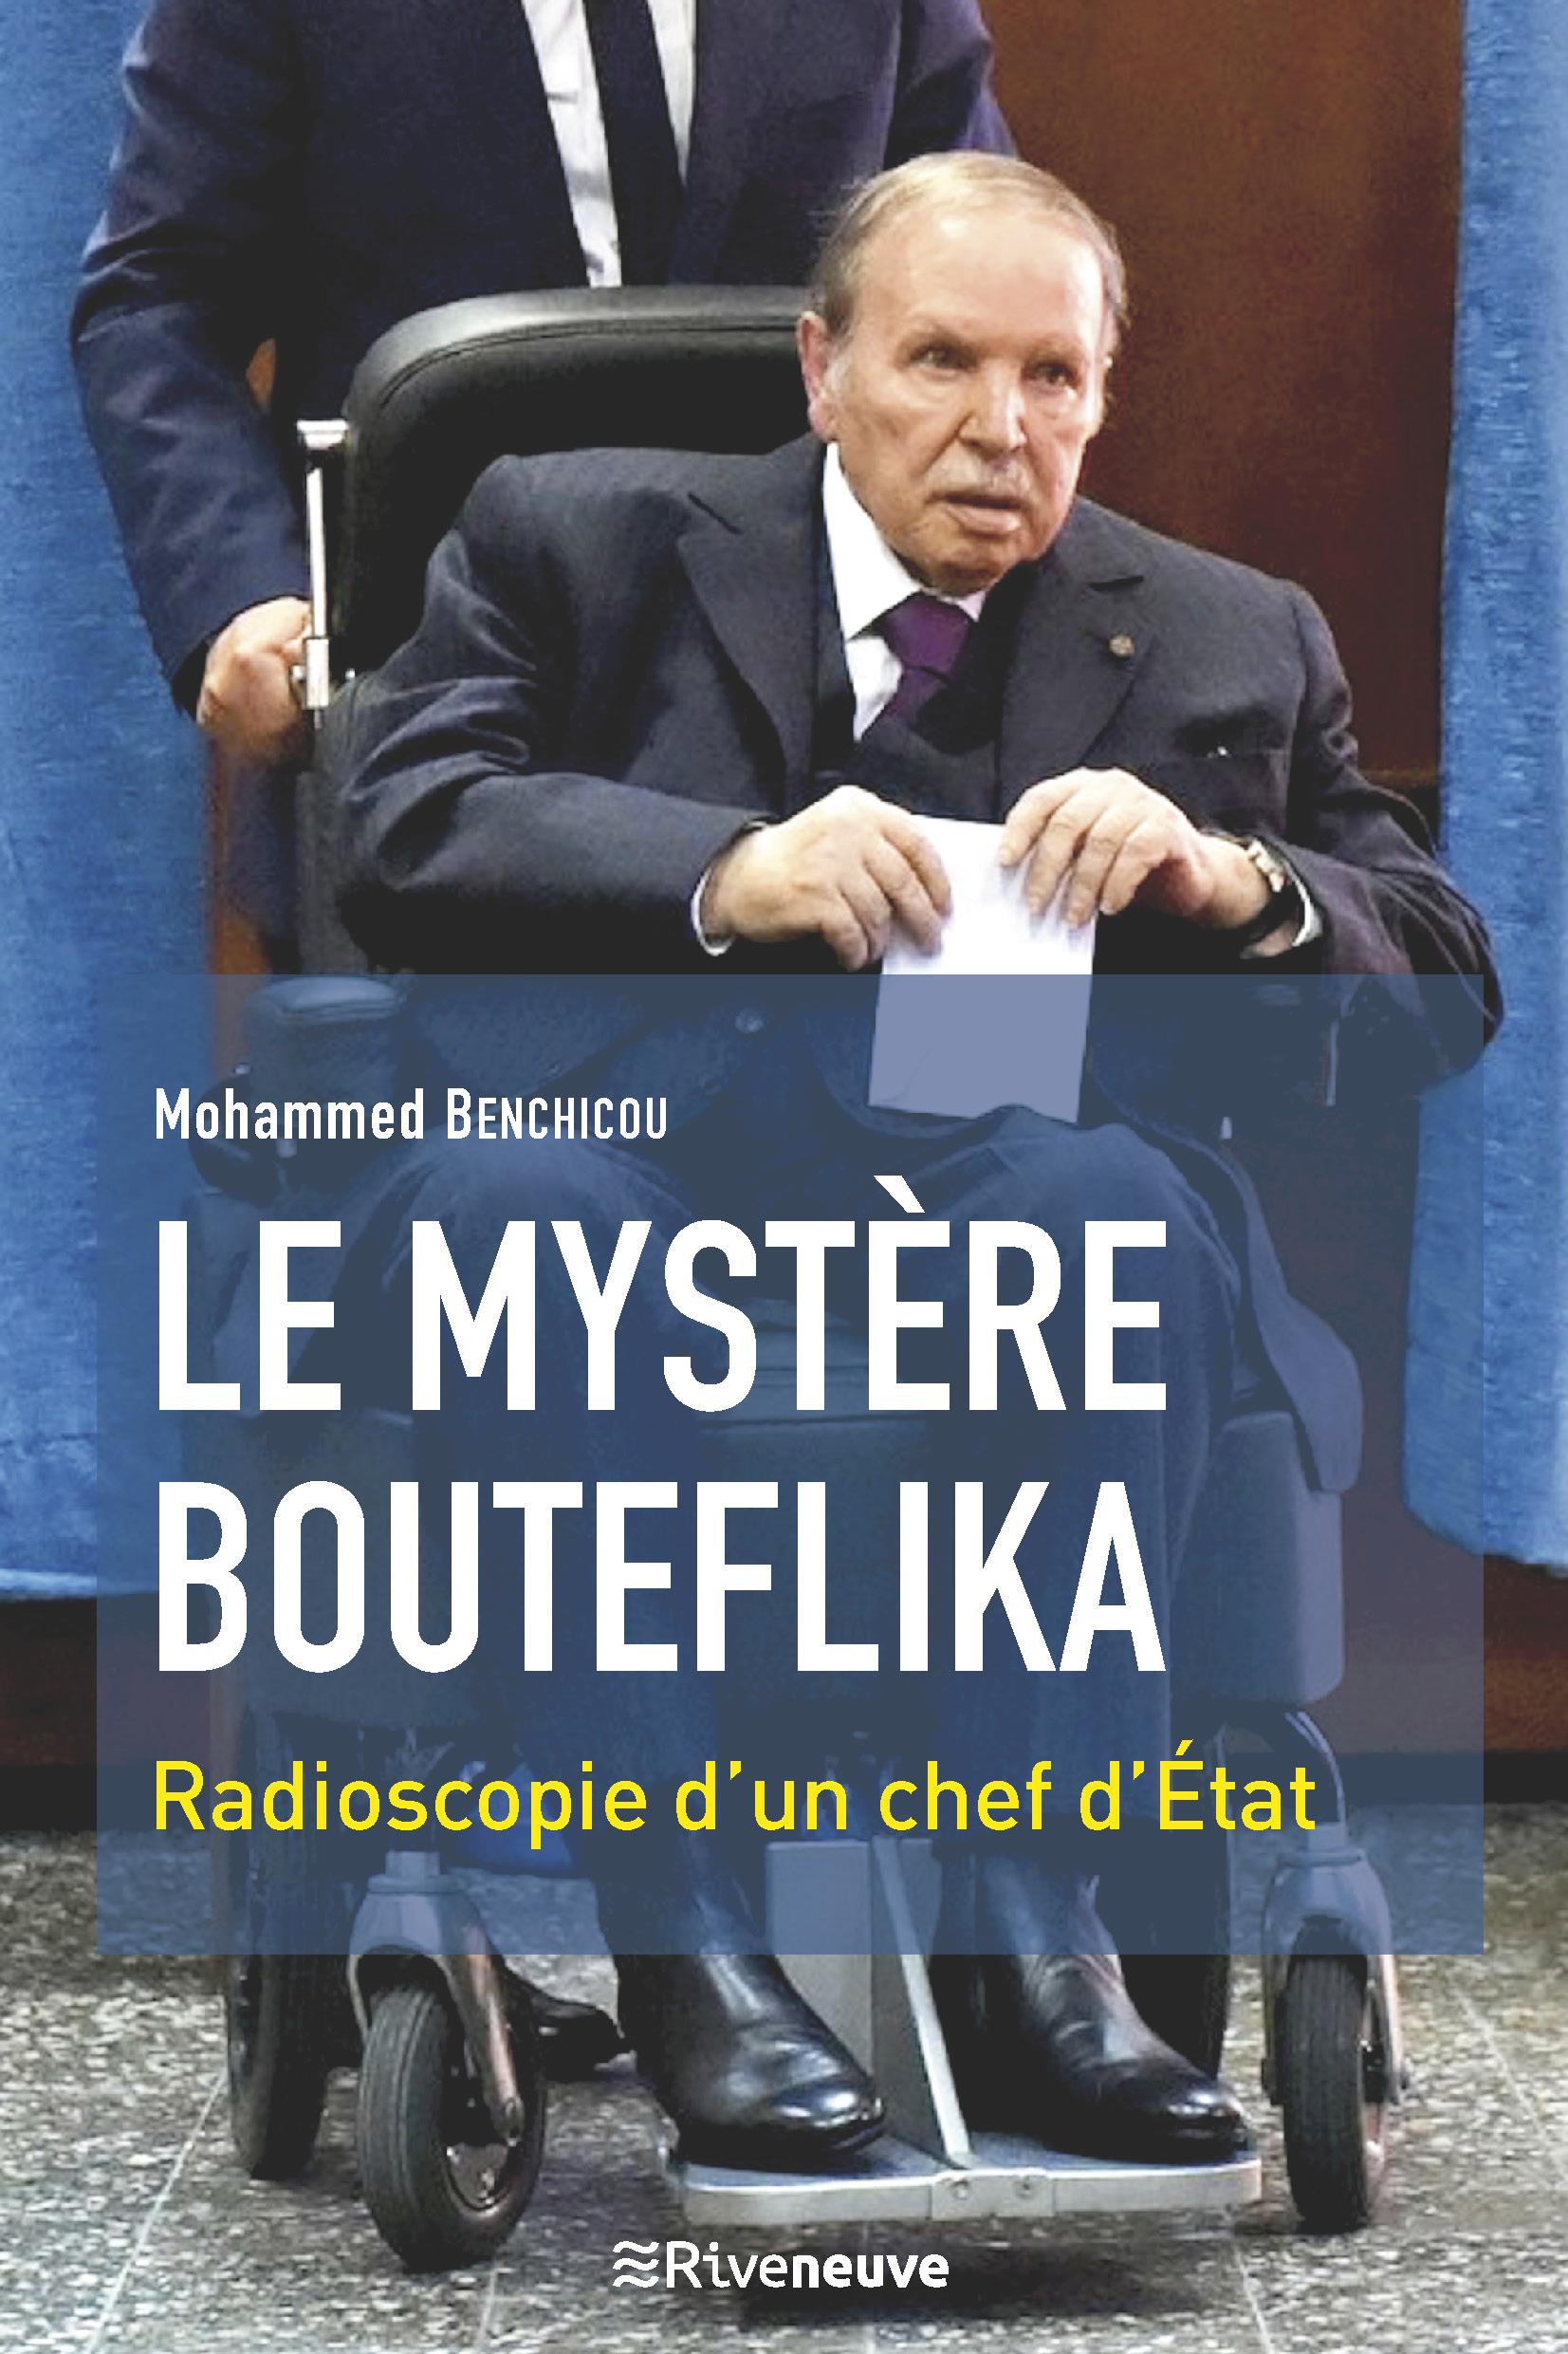 Le Mystère Bouteflika. Radioscopie d'un chef d'État